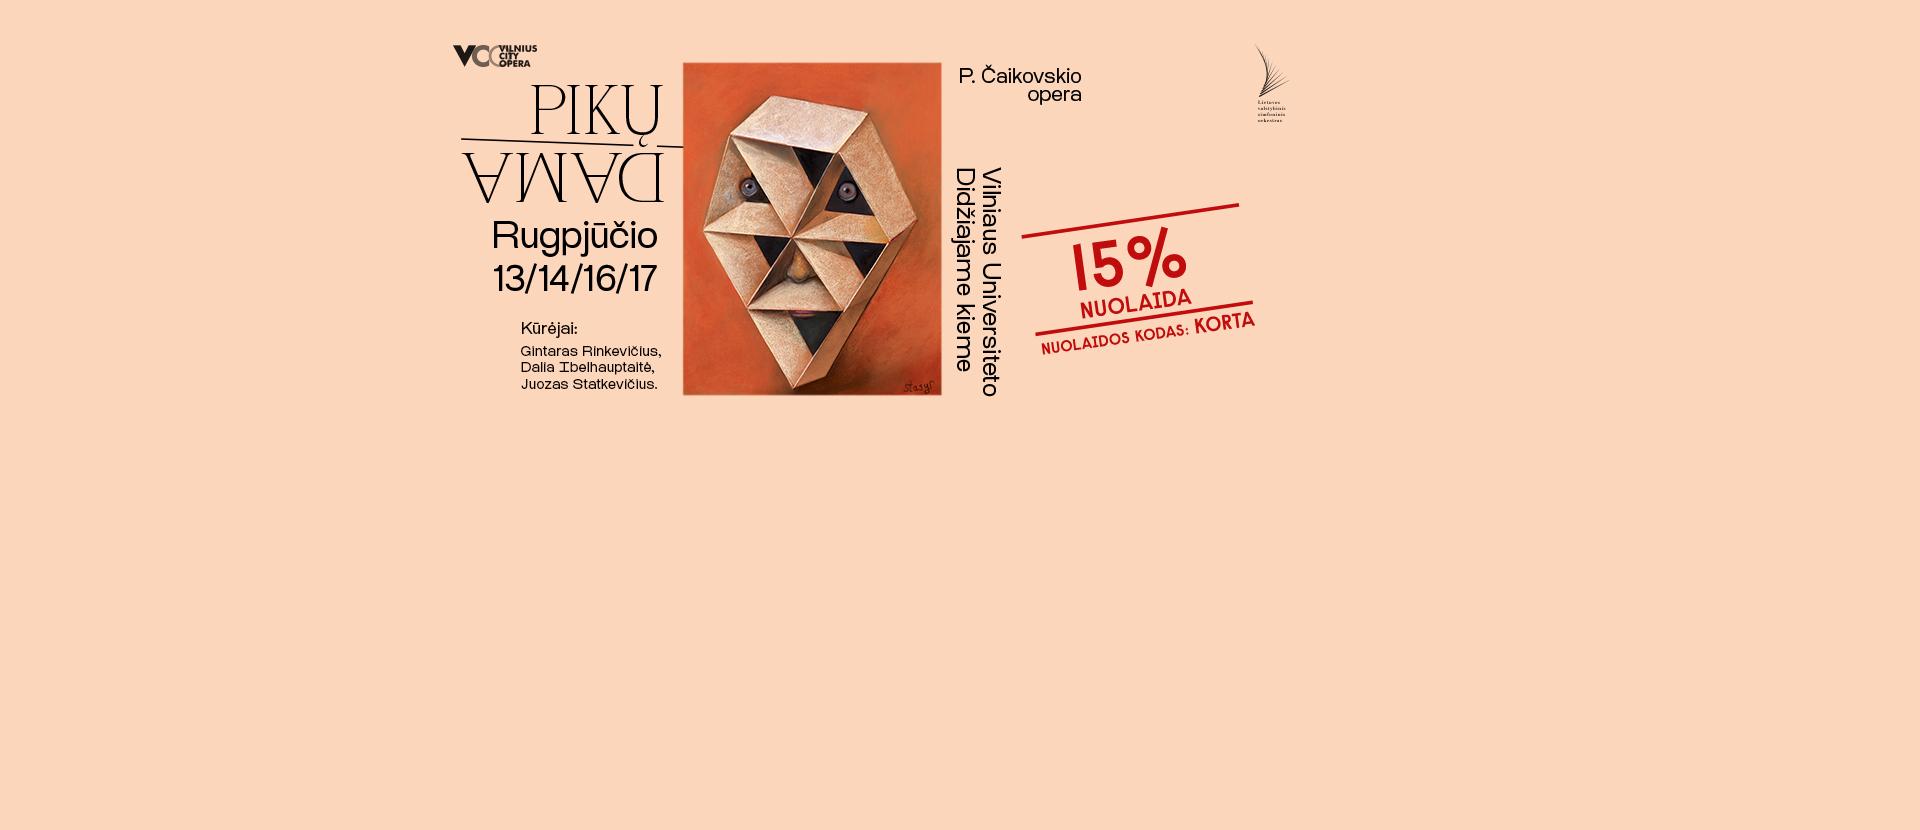 Naujausia premjera PIKŲ DAMA P. Čaikovskio opera